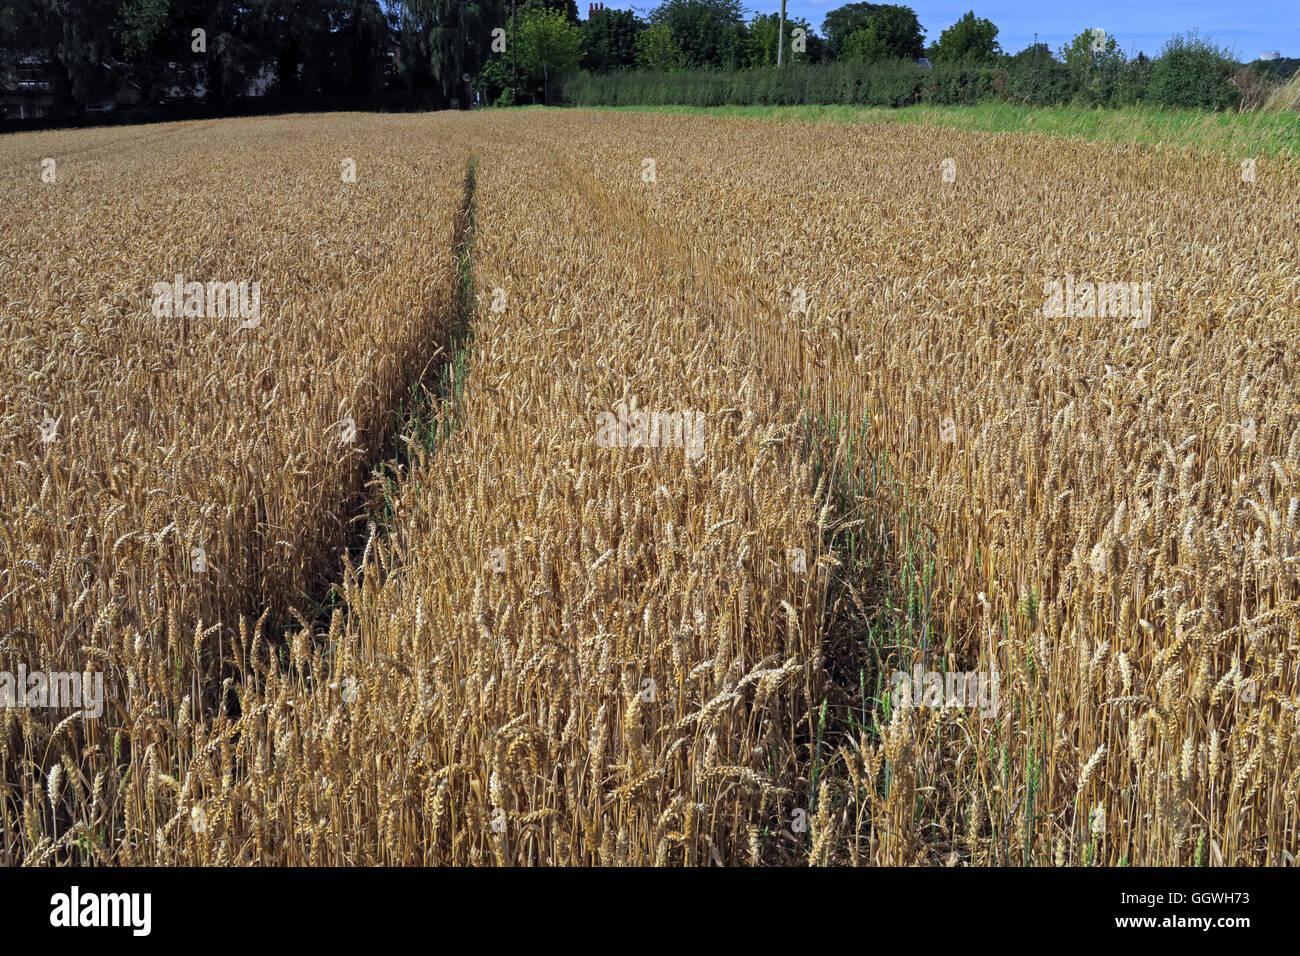 Laden Sie dieses Alamy Stockfoto Weite Einstellung auf ein Feld von Gerste, zur Ernte bereit, Preston auf dem Hügel, Halton, Cheshire, North West England - GGWH73